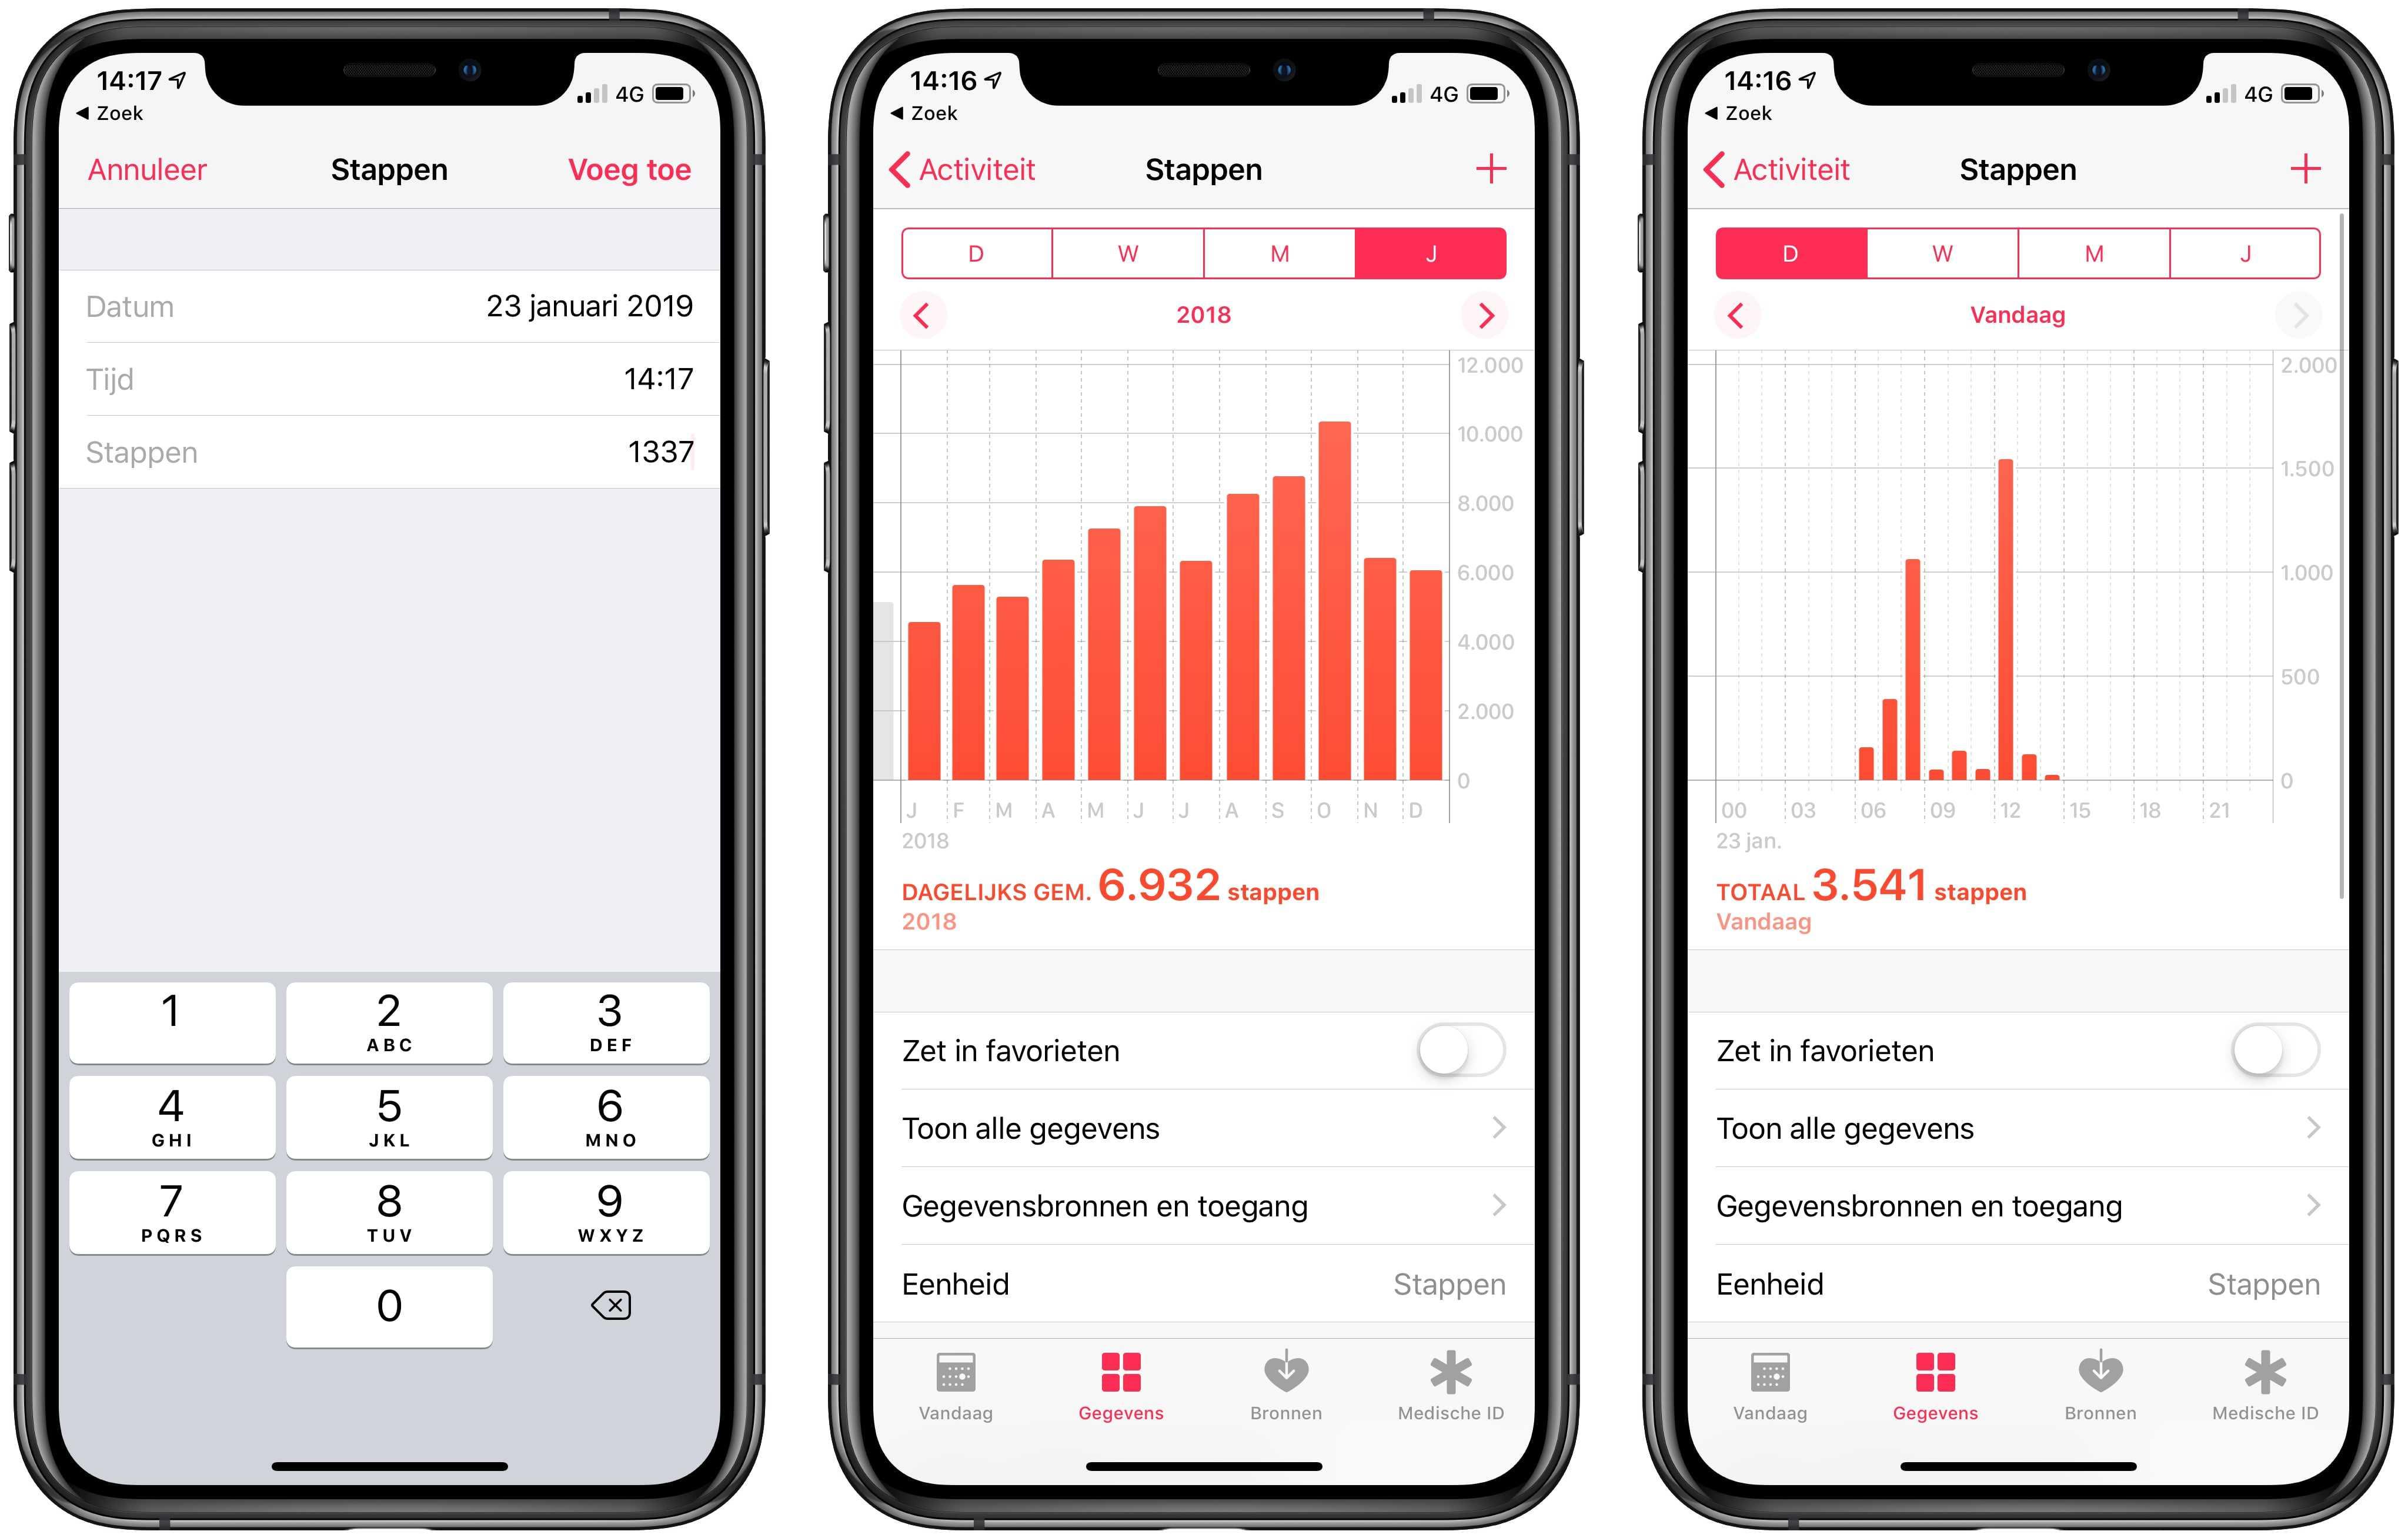 gratis aansluiting app voor iPhone gratis dating sajter